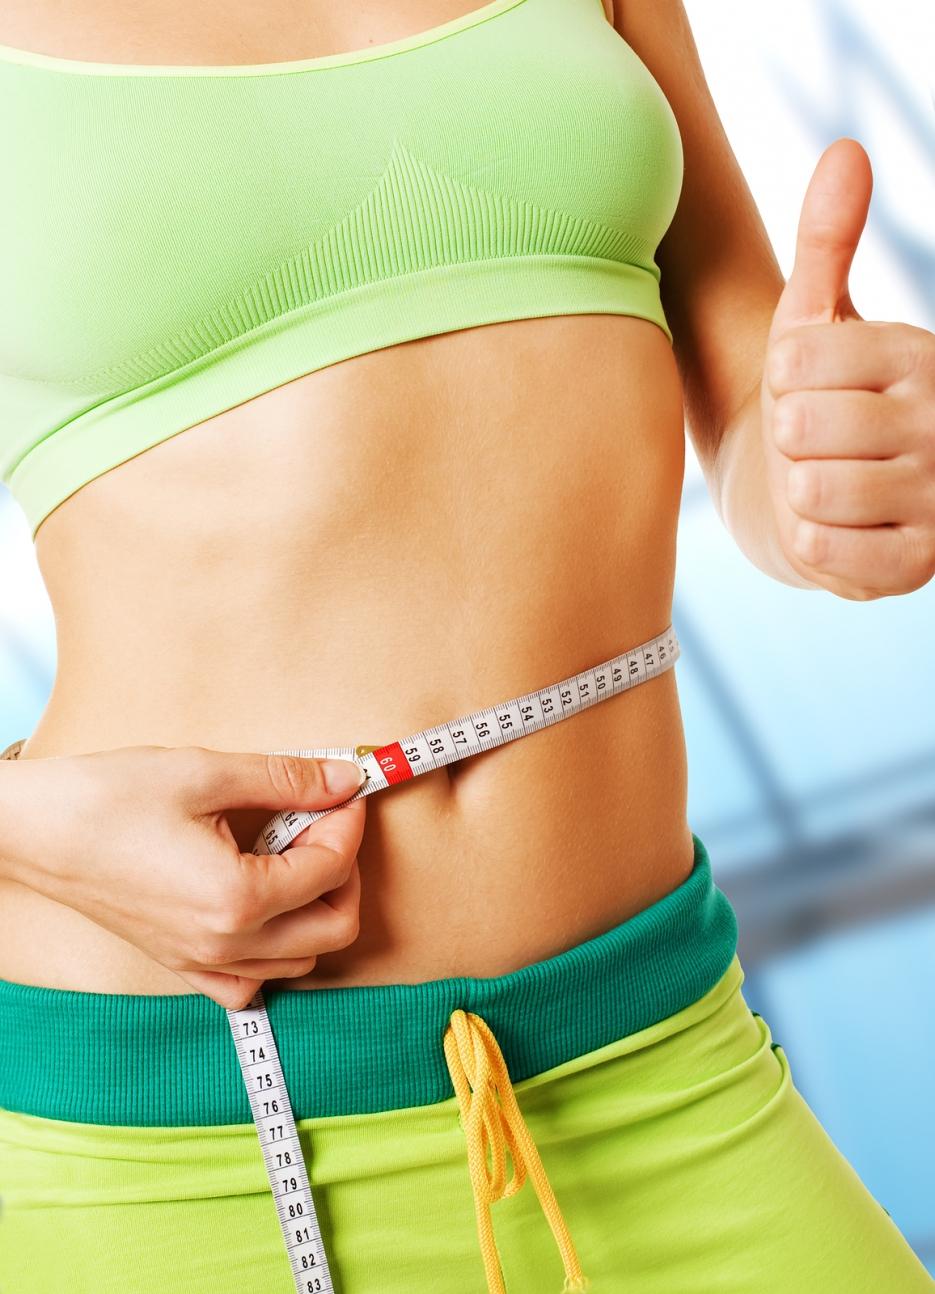 Сайта Для Похудения. 10 лучших сайтов про диеты и похудение